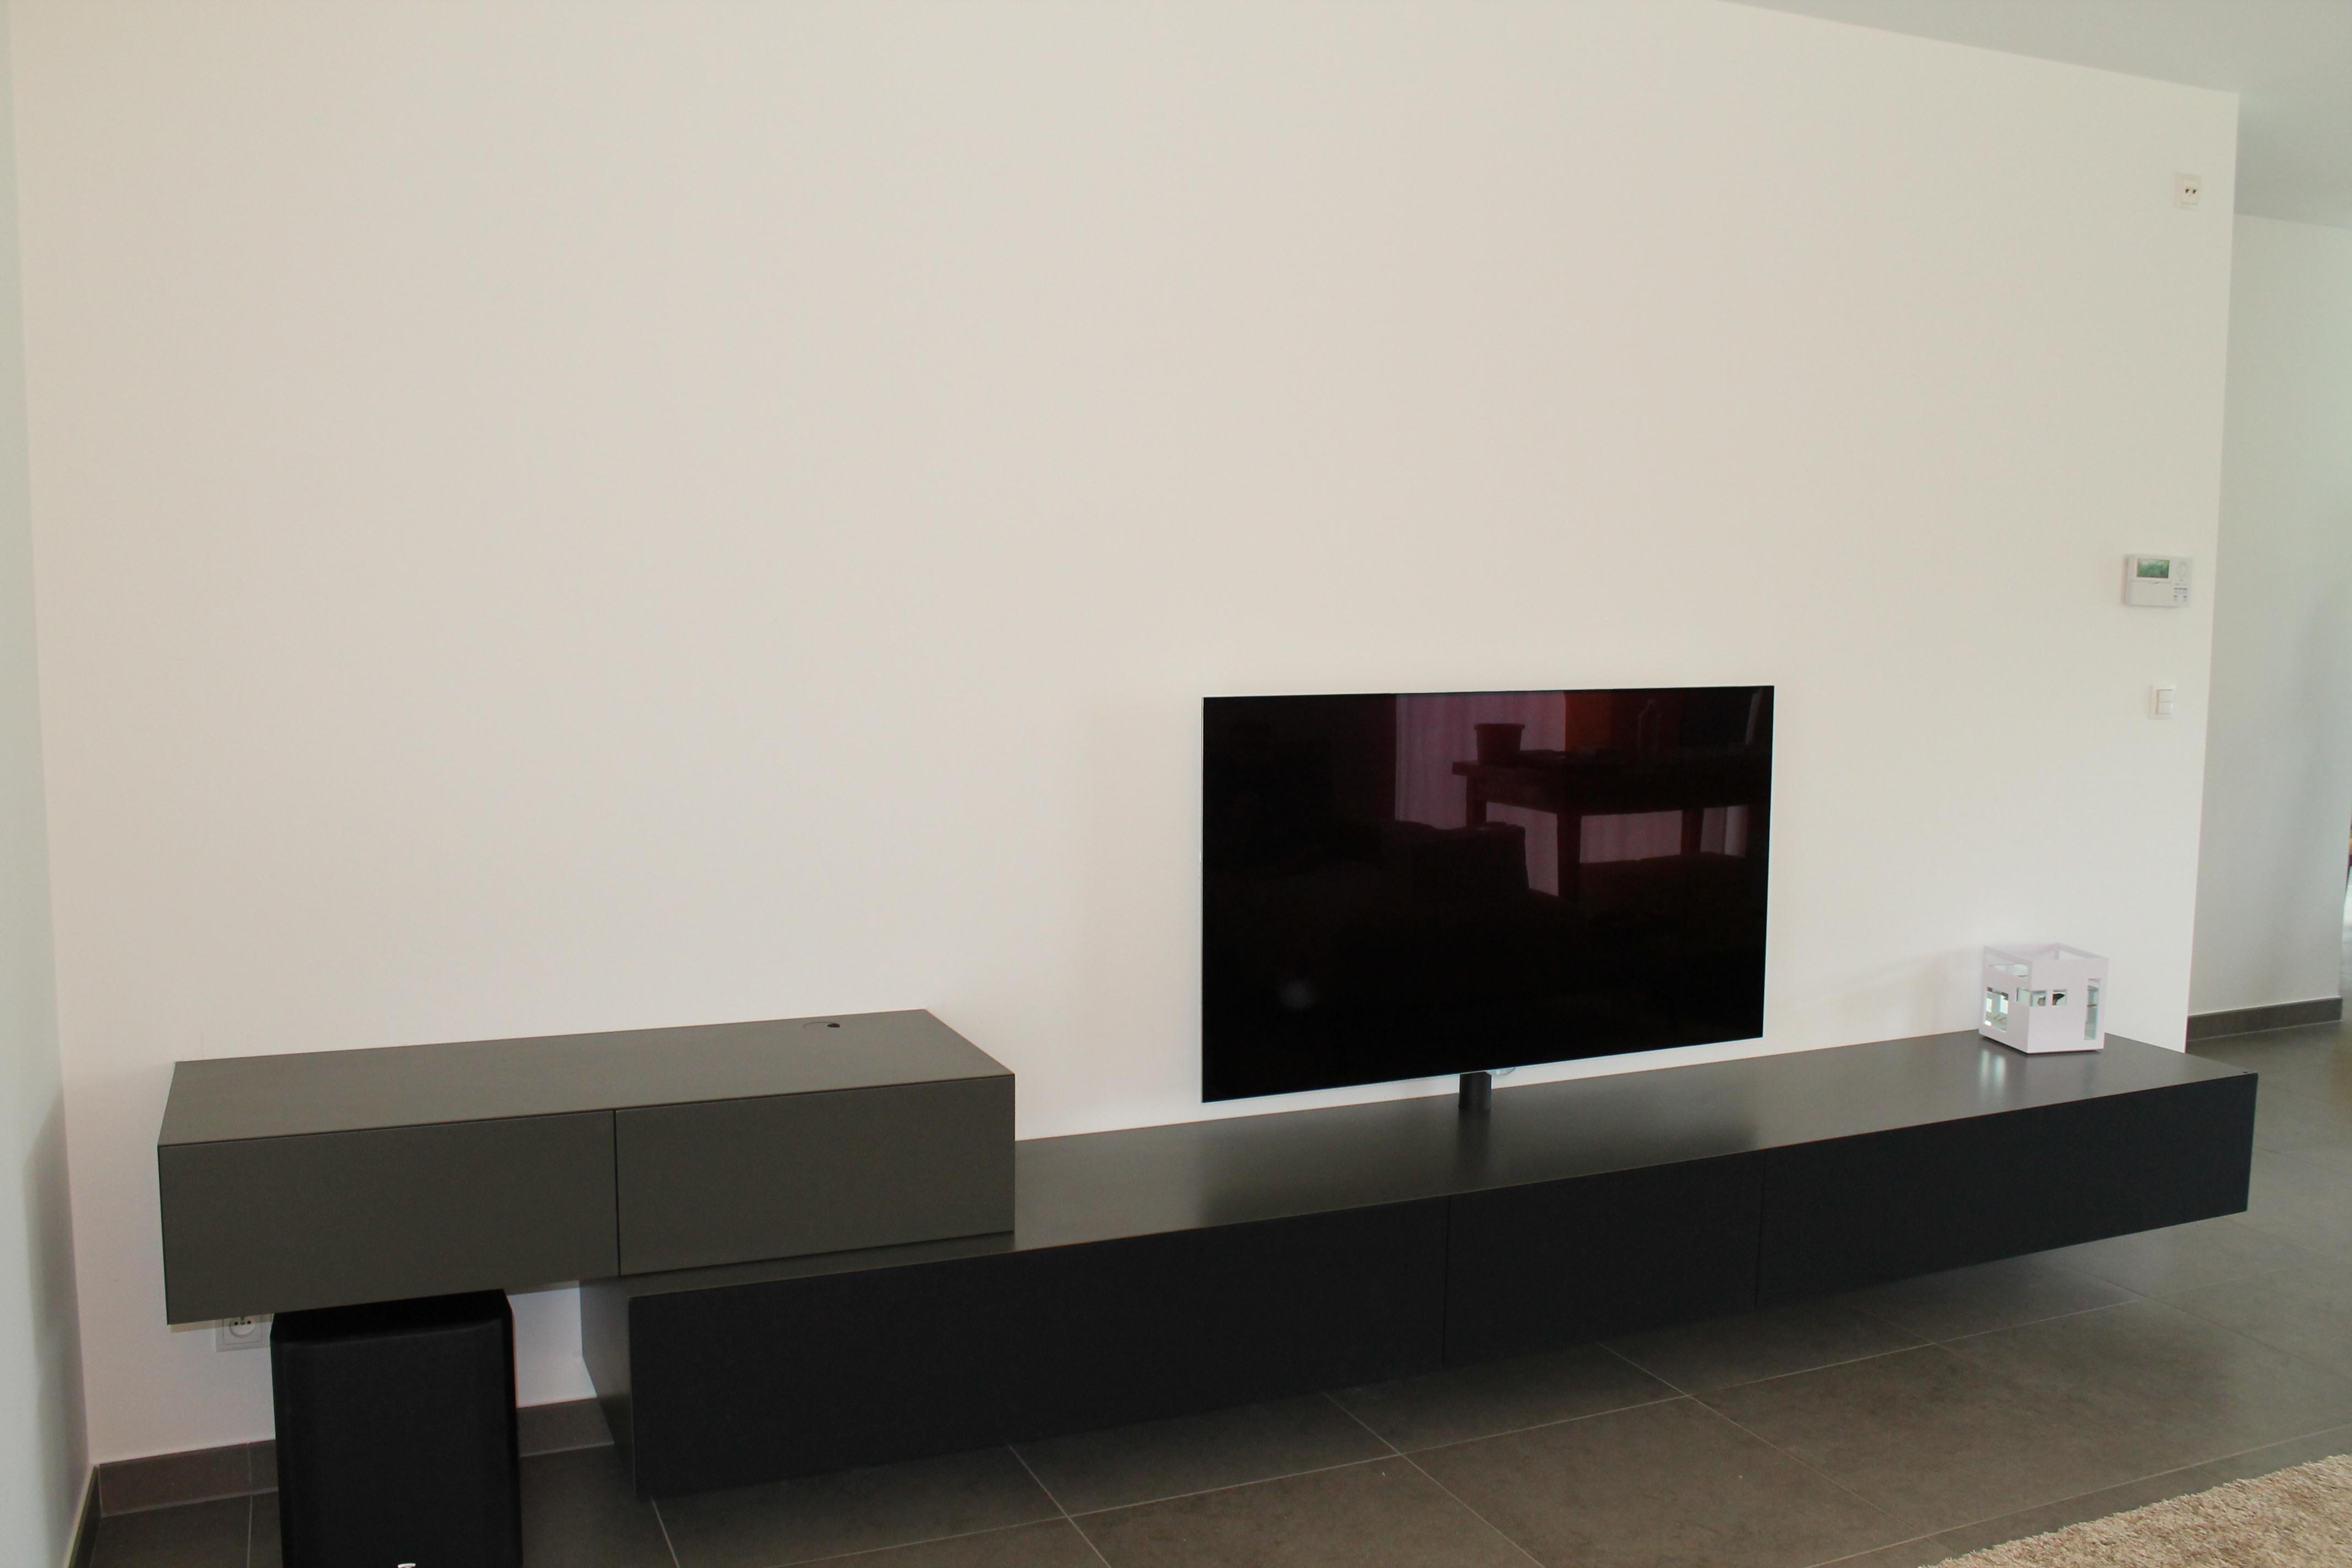 Tv Kast Zwevend : Tv meubel steigerhout tv kast laden te koop aangeboden op